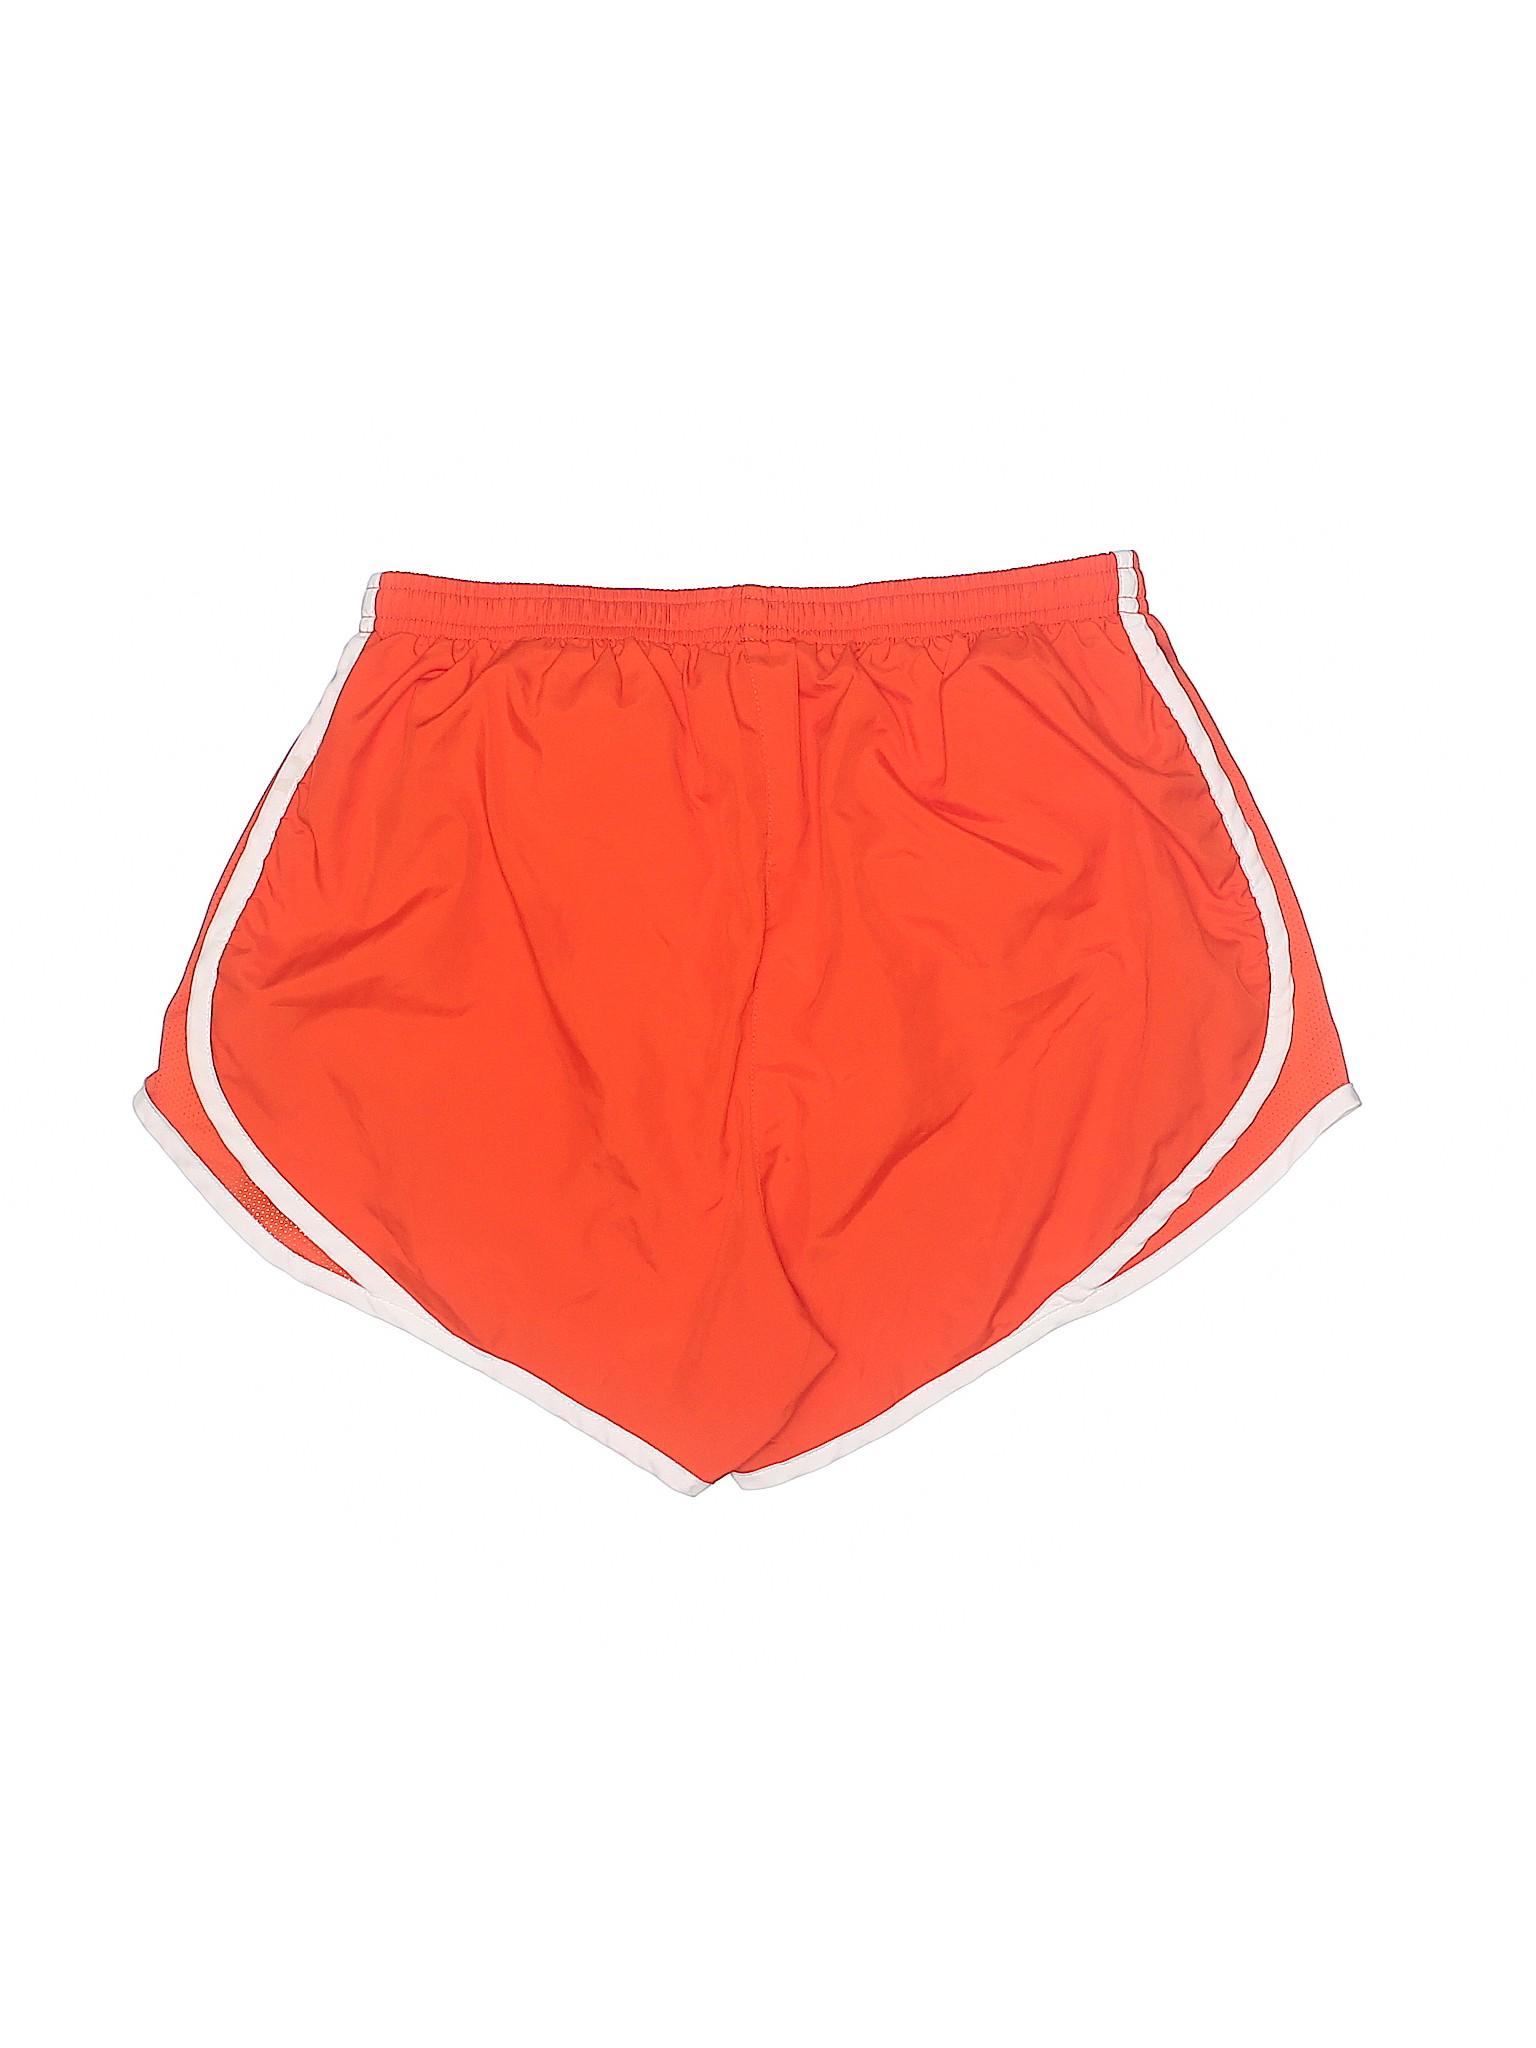 Shorts Nike Boutique Shorts Shorts Athletic Nike Athletic Athletic Nike Boutique Boutique Boutique g0wqp4